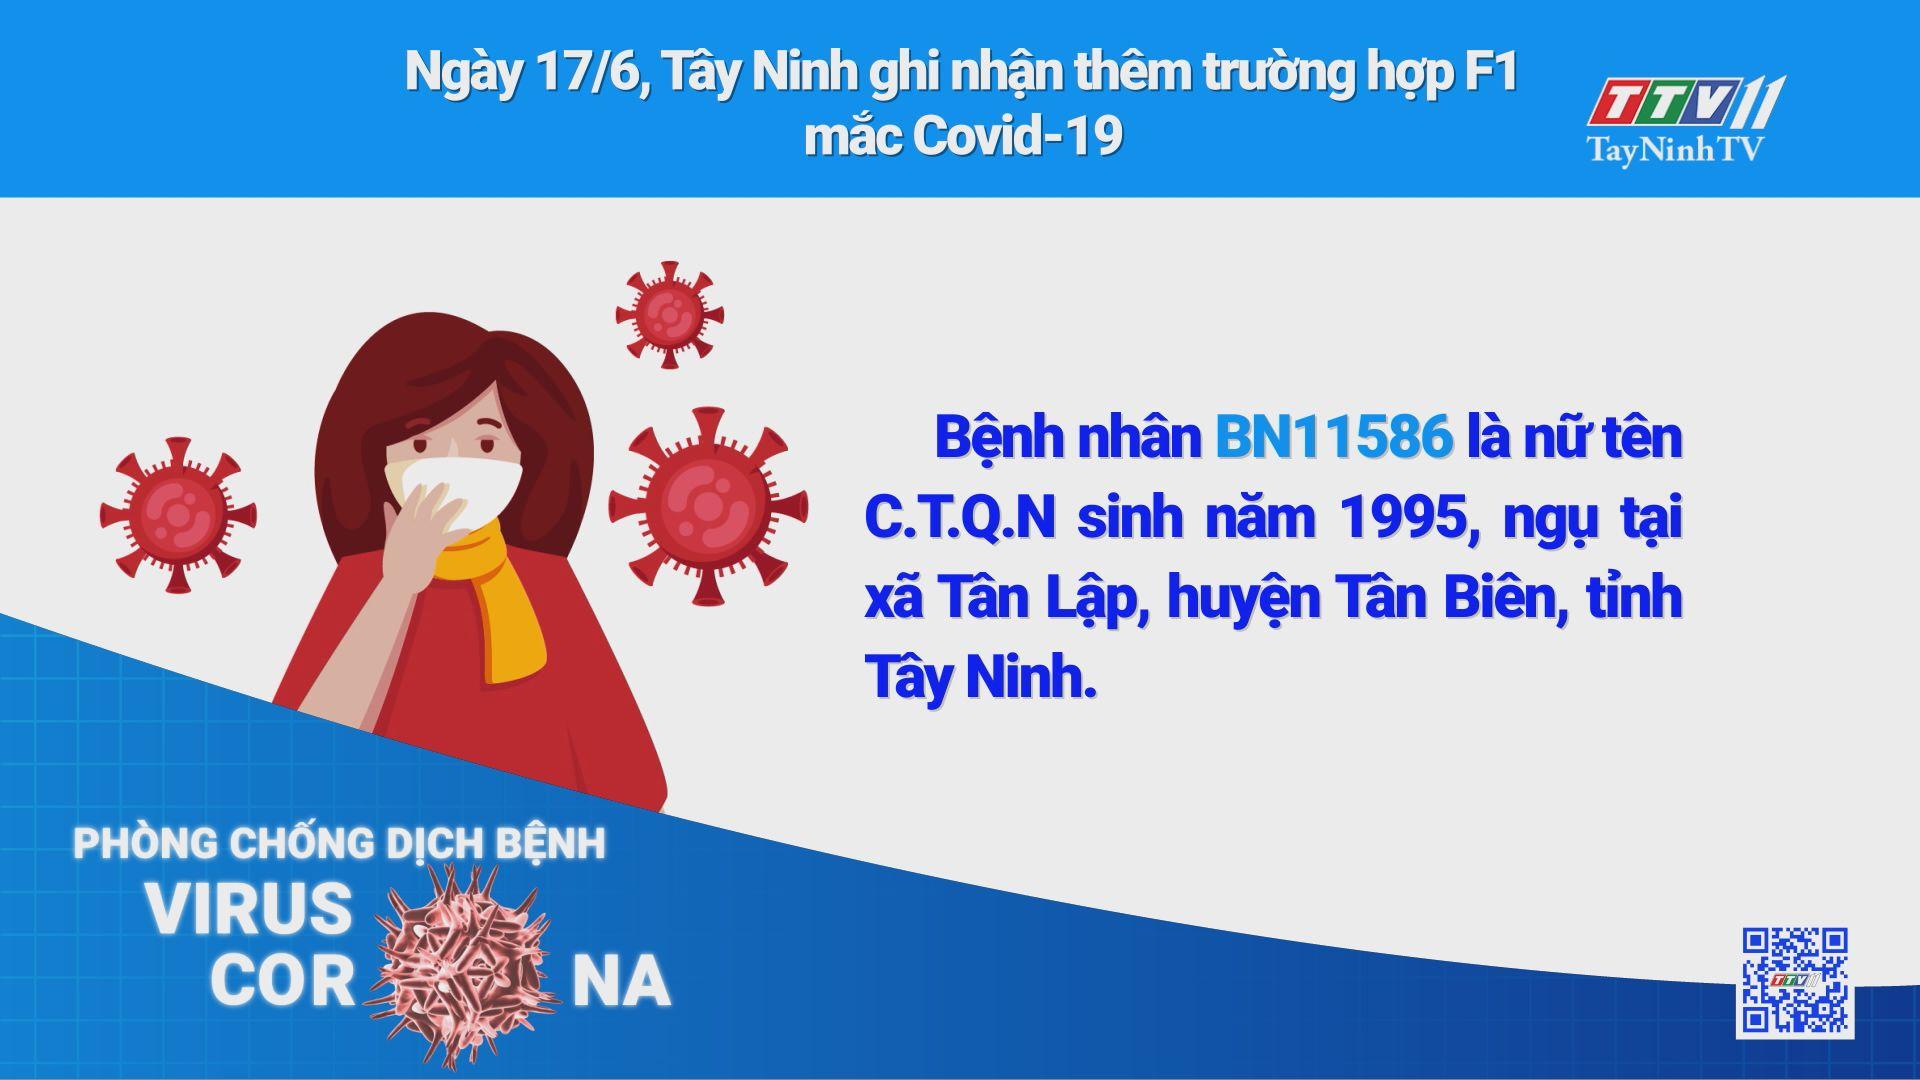 Ngày 17/6, Tây Ninh ghi nhận thêm 1 trường hợp dương tính với Virus SARS-CoV-2 | THÔNG TIN DỊCH CÚM COVID-19 | TayNinhTV